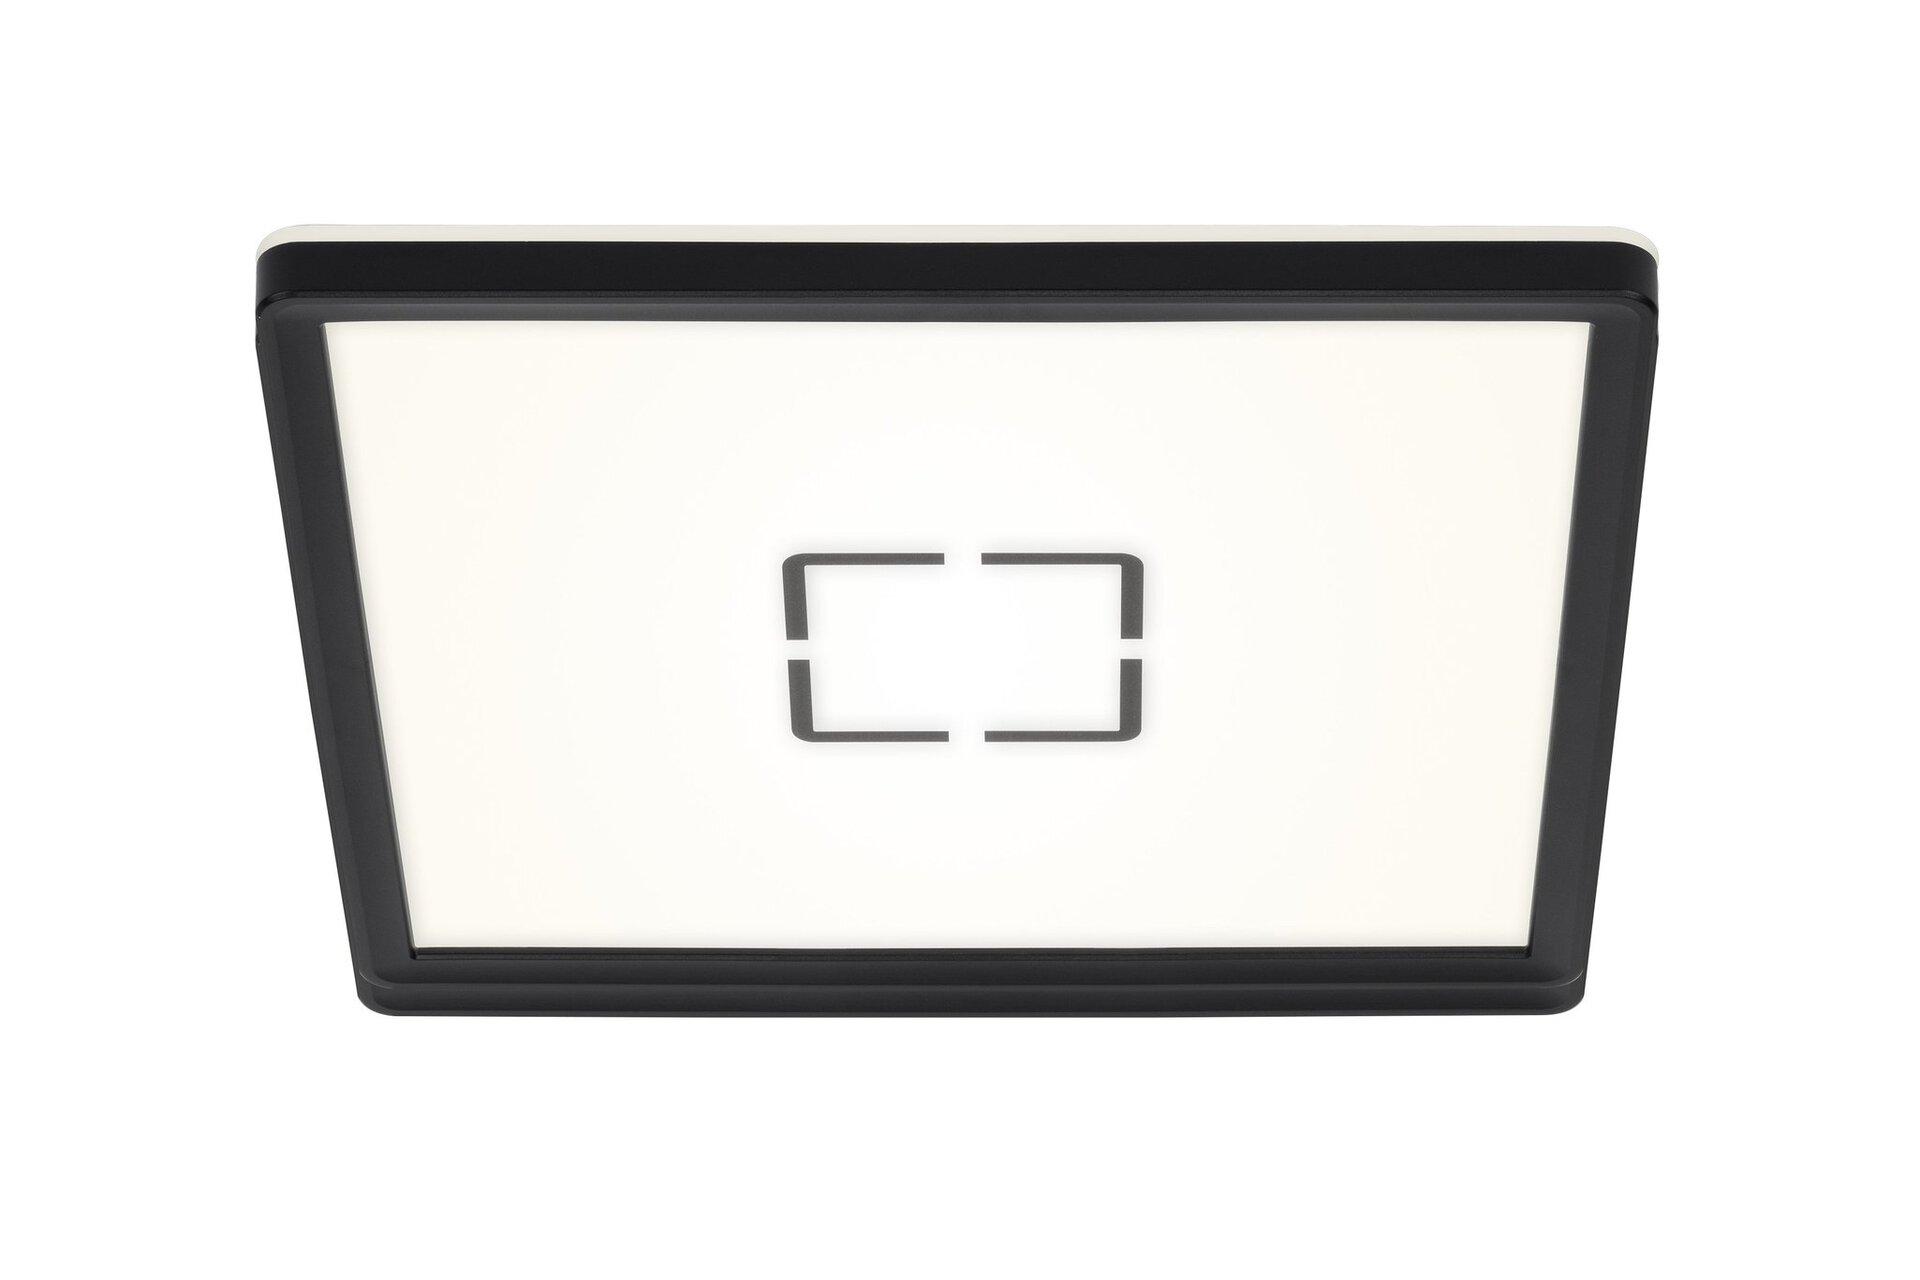 Deckenleuchte Free Briloner Metall schwarz 29 x 2 x 29 cm